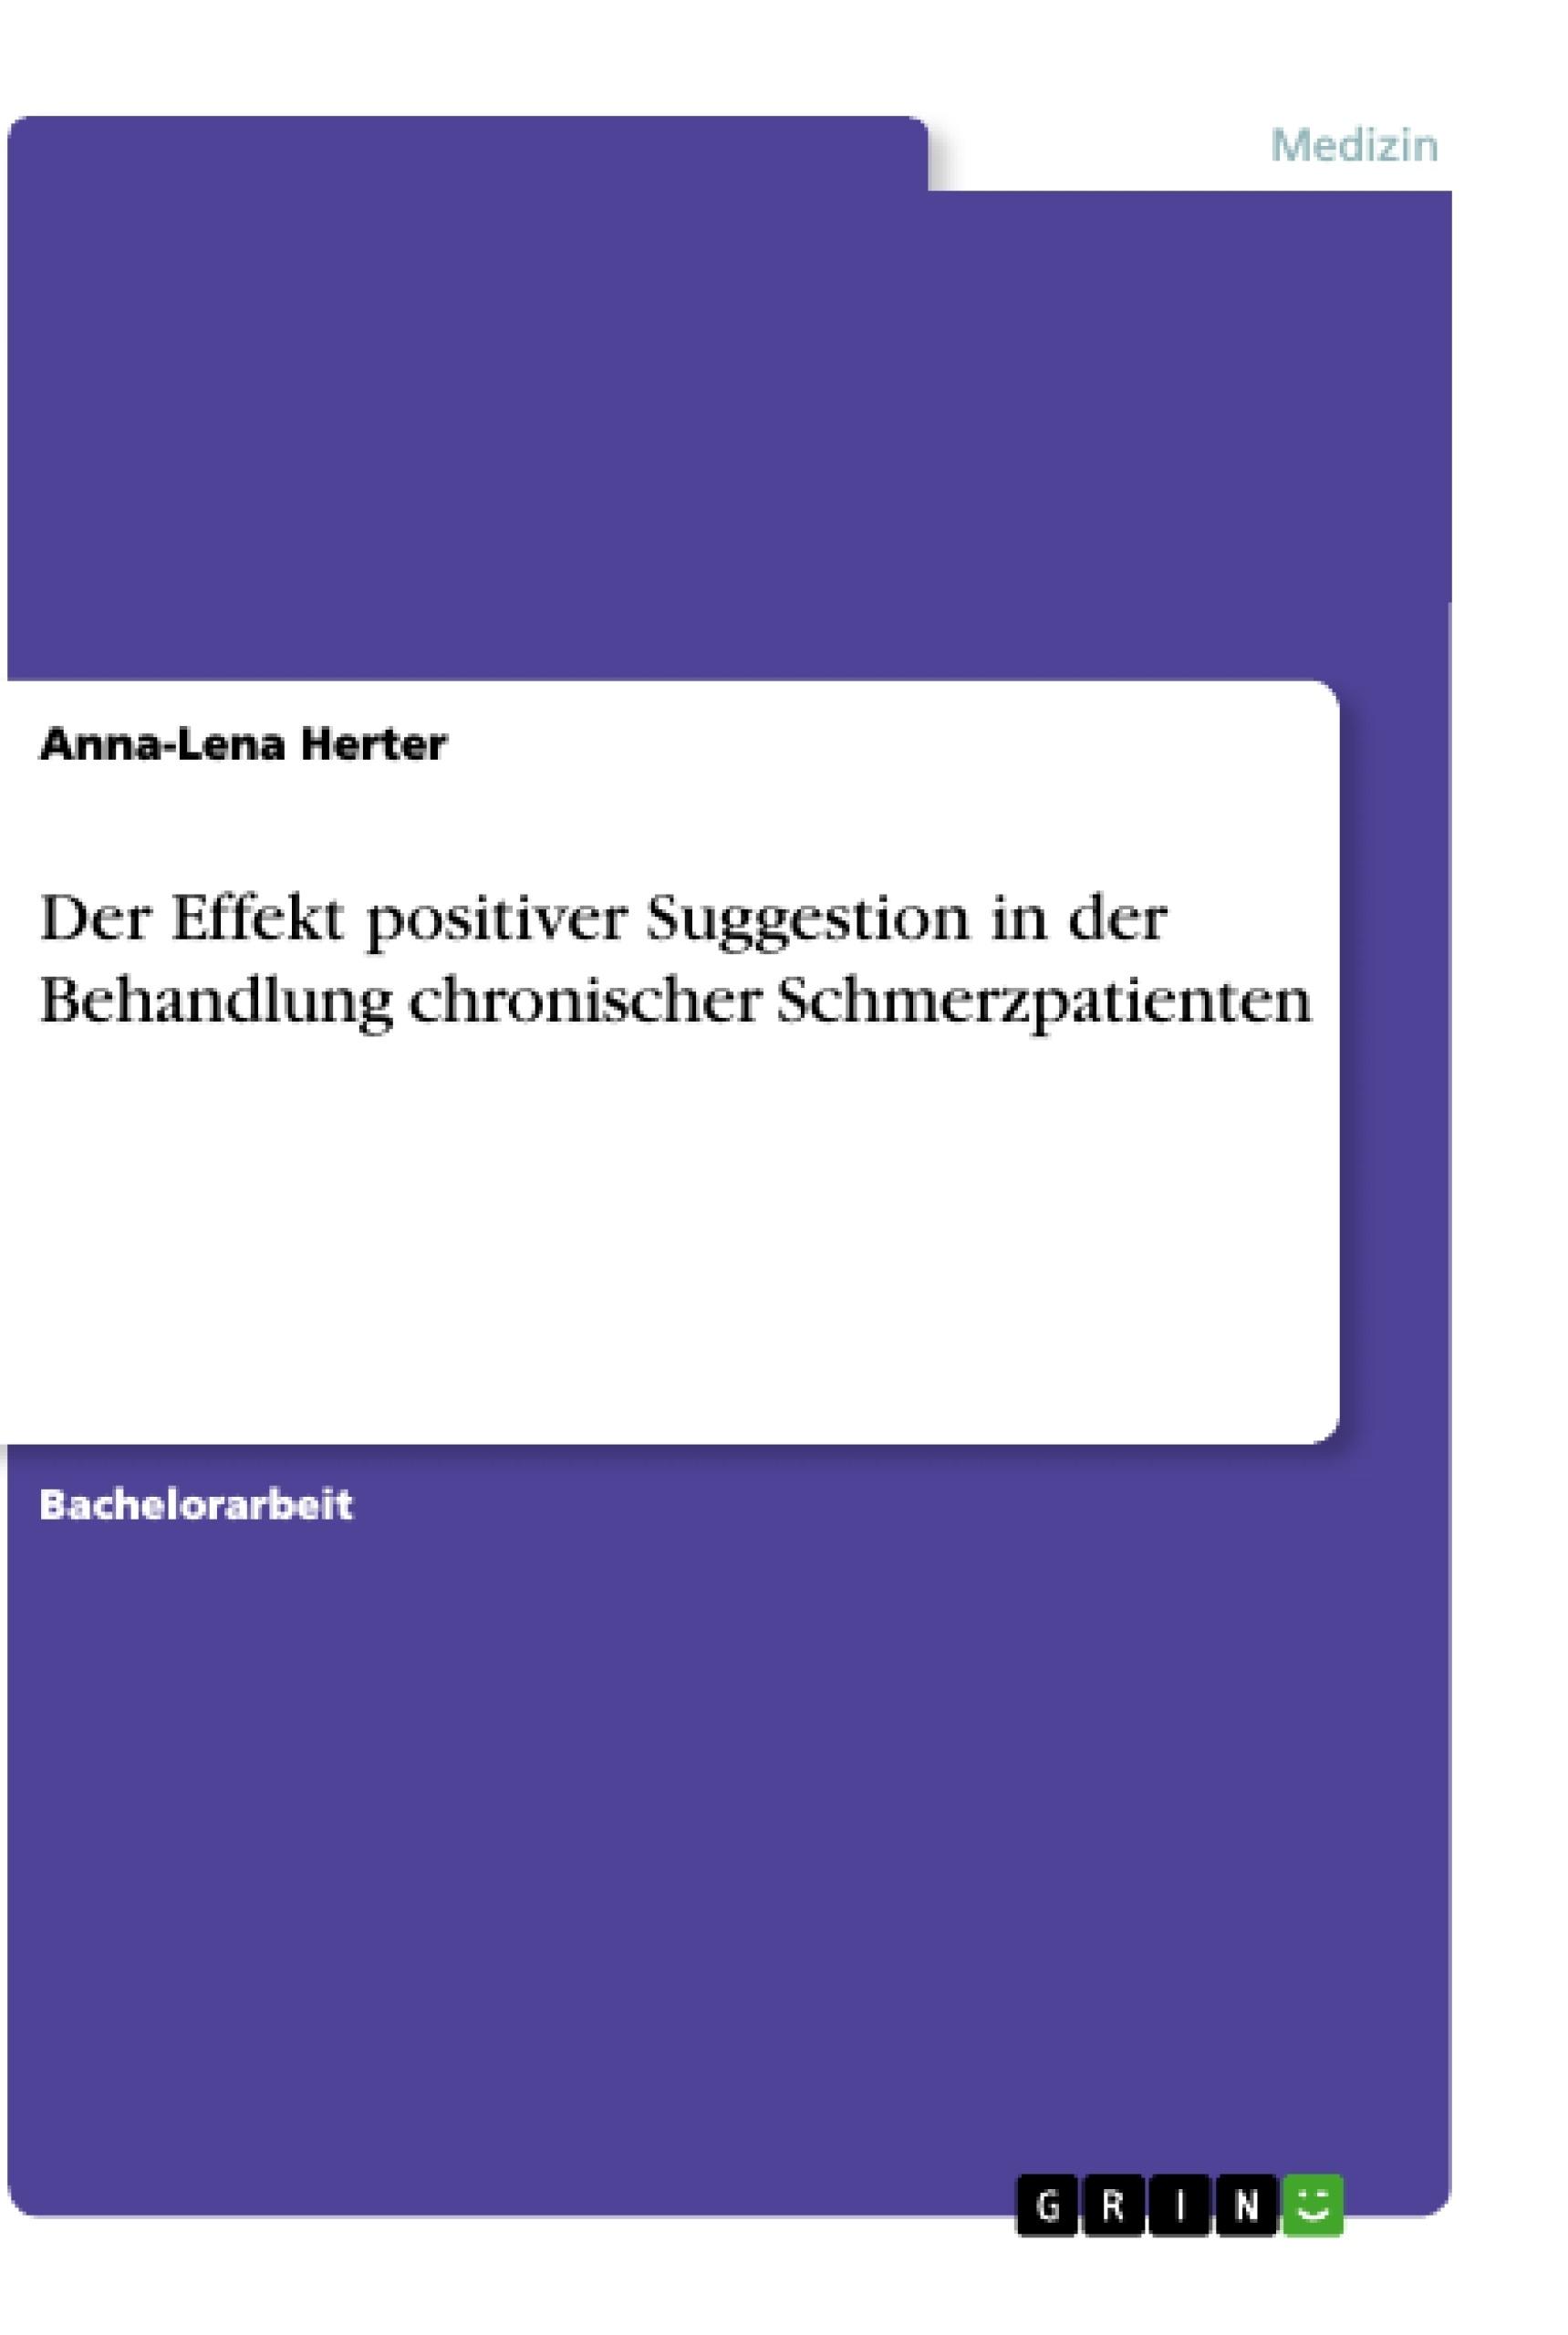 Titel: Der Effekt positiver Suggestion in der Behandlung chronischer Schmerzpatienten